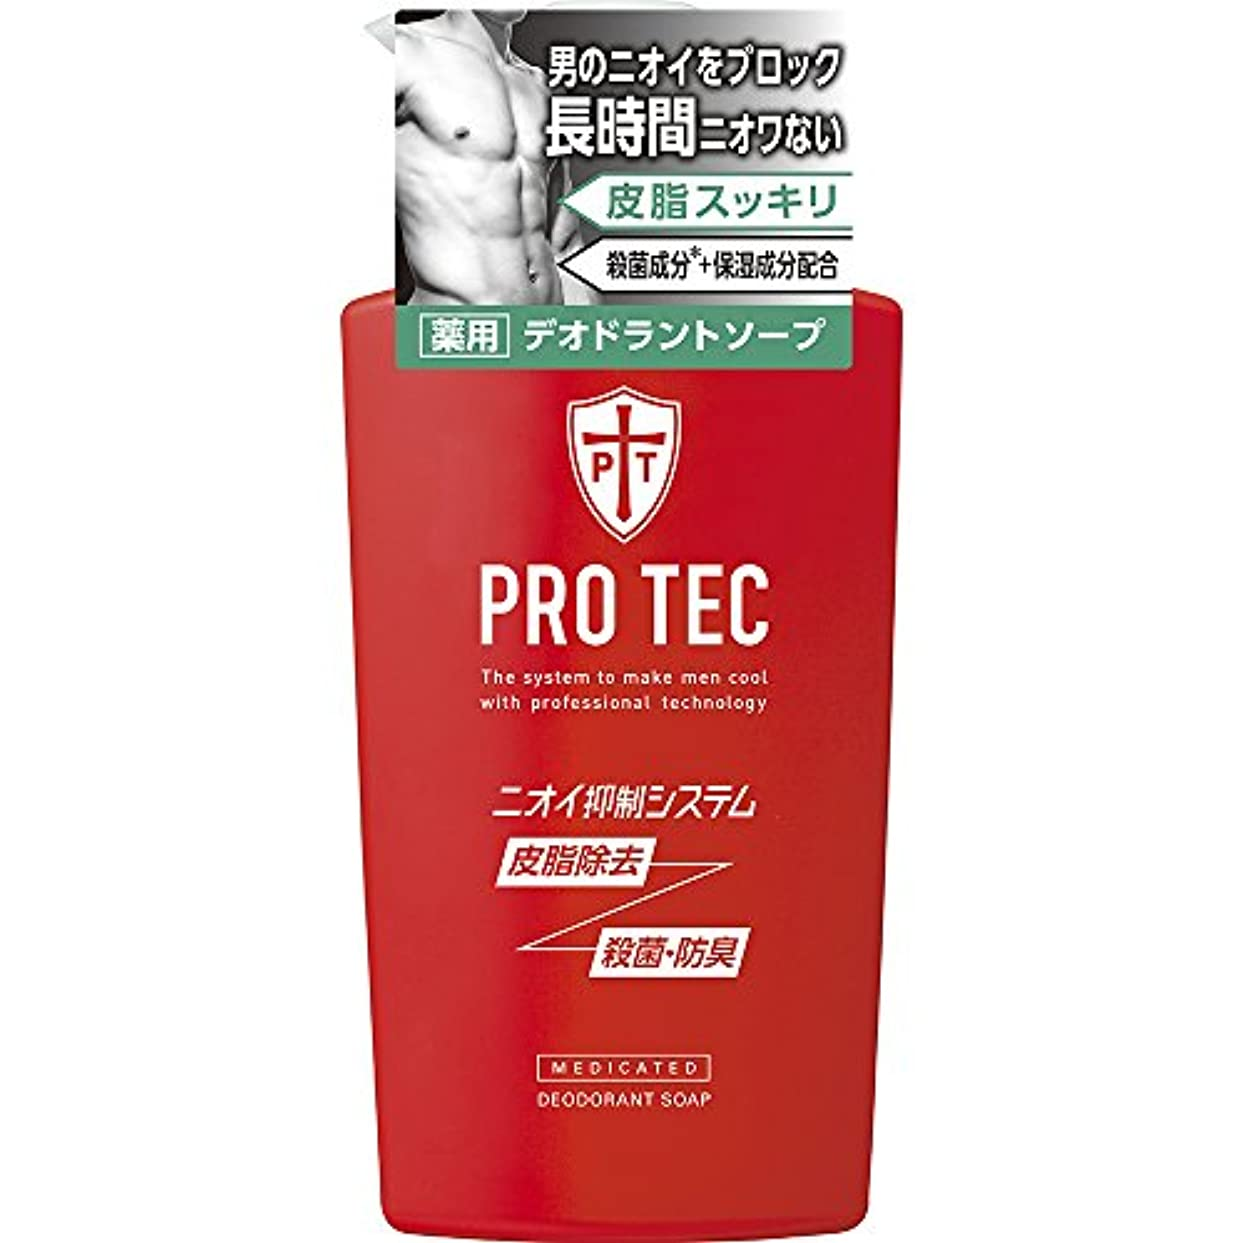 ネックレット教える規制PRO TEC(プロテク) デオドラントソープ 本体ポンプ 420ml